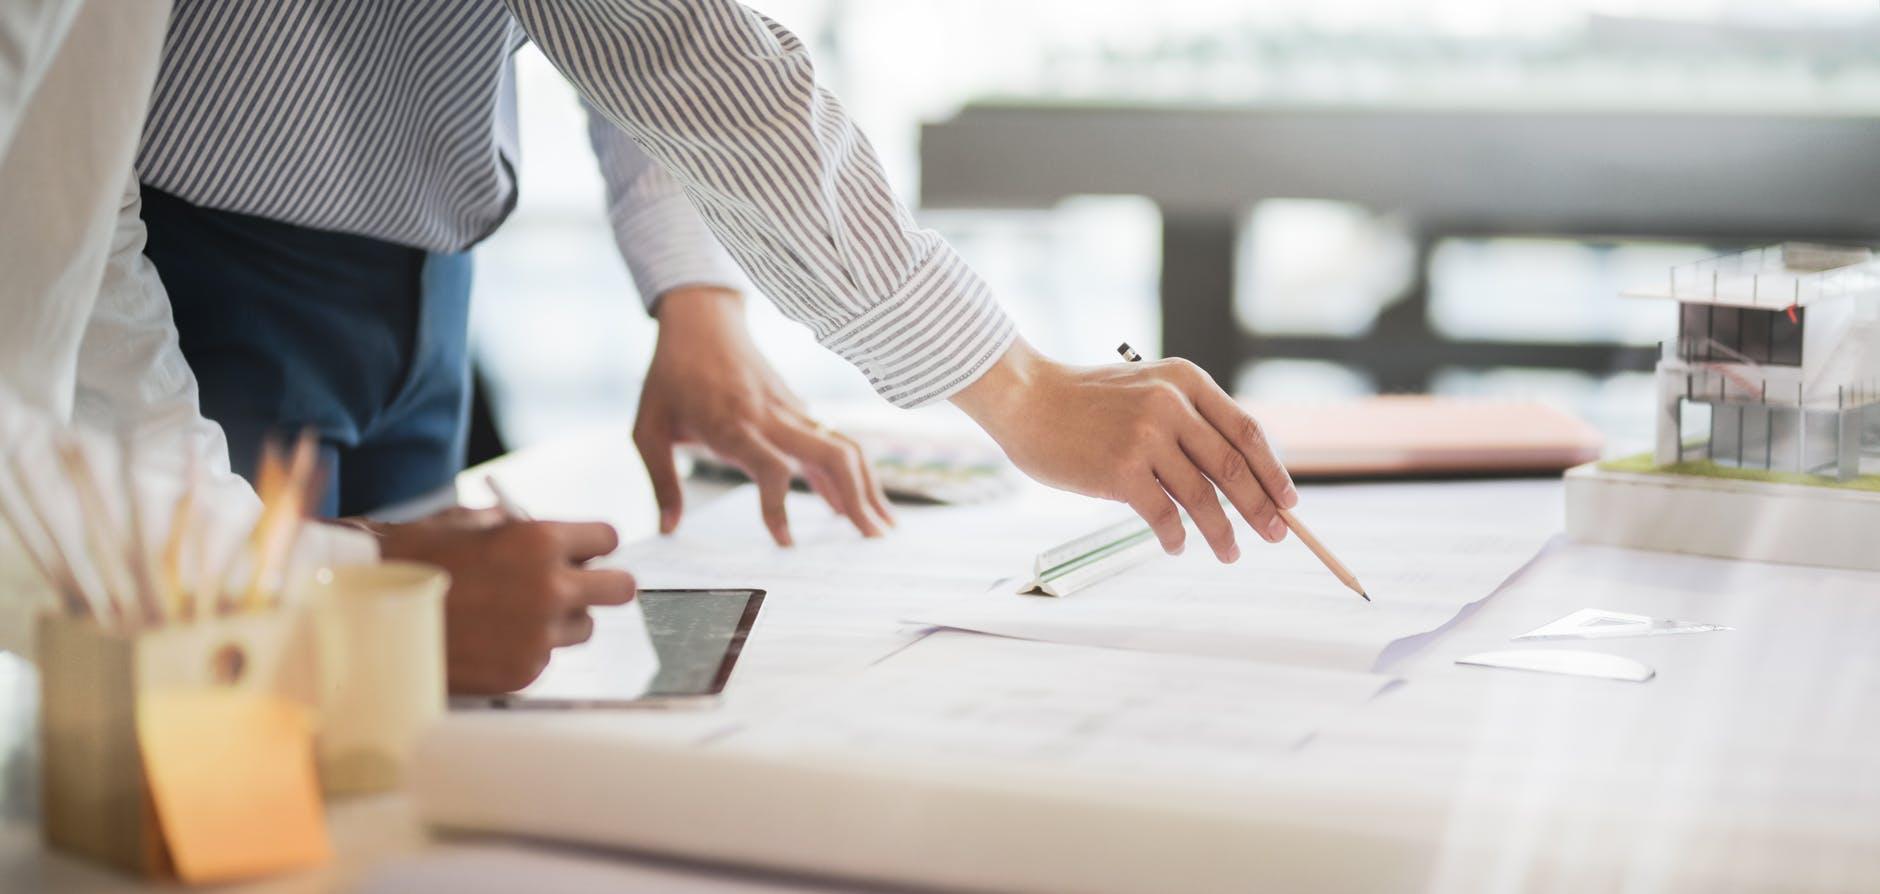 Decreto semplificazioni: importanti modifiche al codice dei contratti